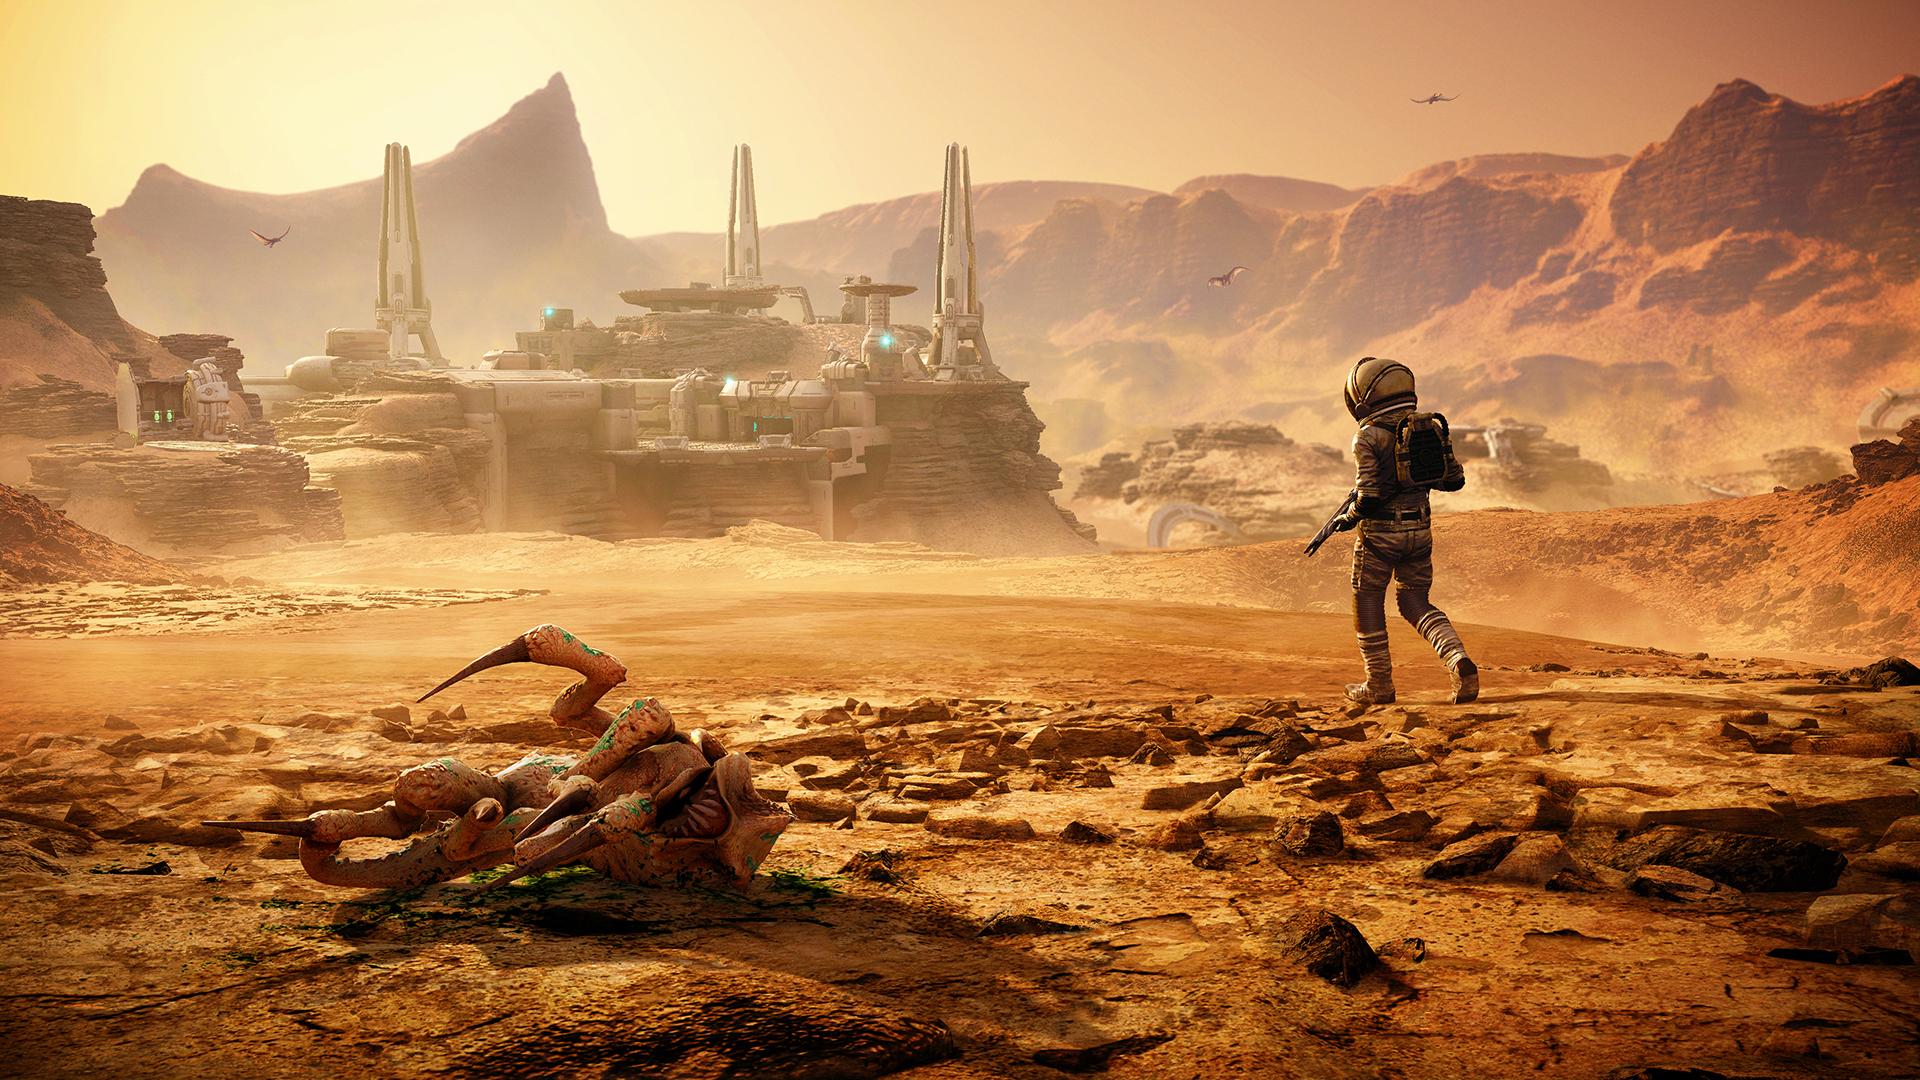 Скриншот к игре Far Cry 5: Gold Edition [v 1.011 + DLCs] (2018) скачать торрент RePack от xatab